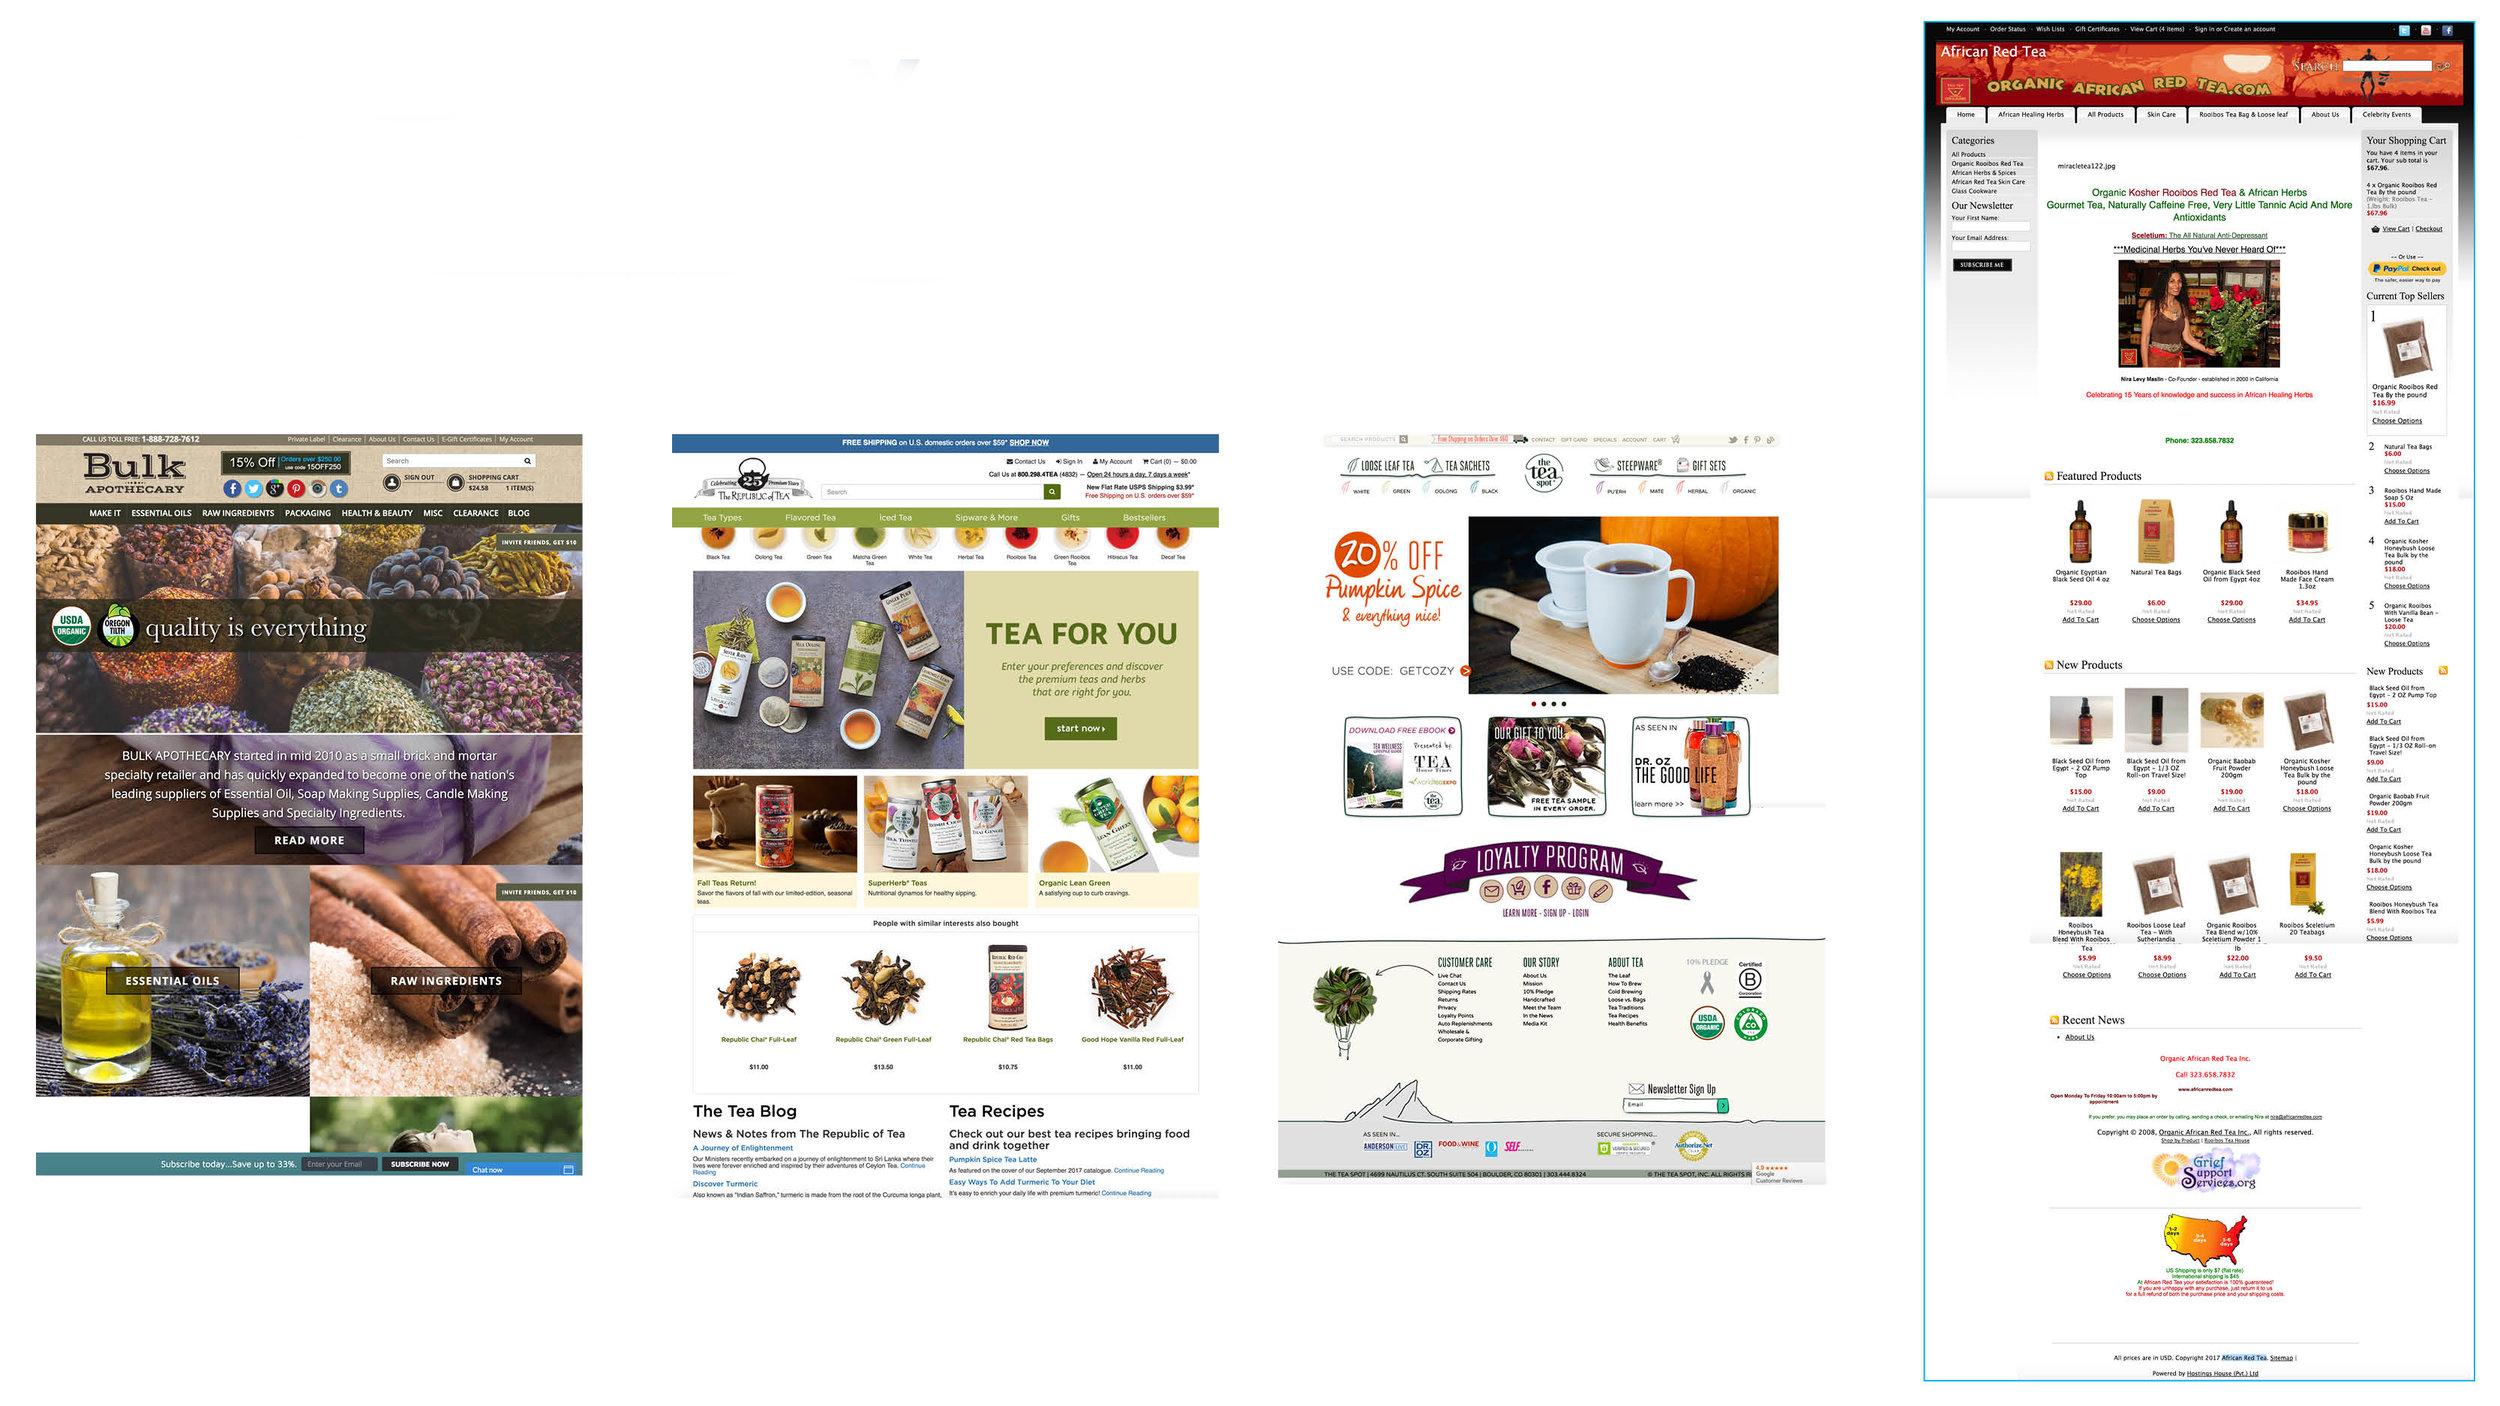 Landing Page Comparison